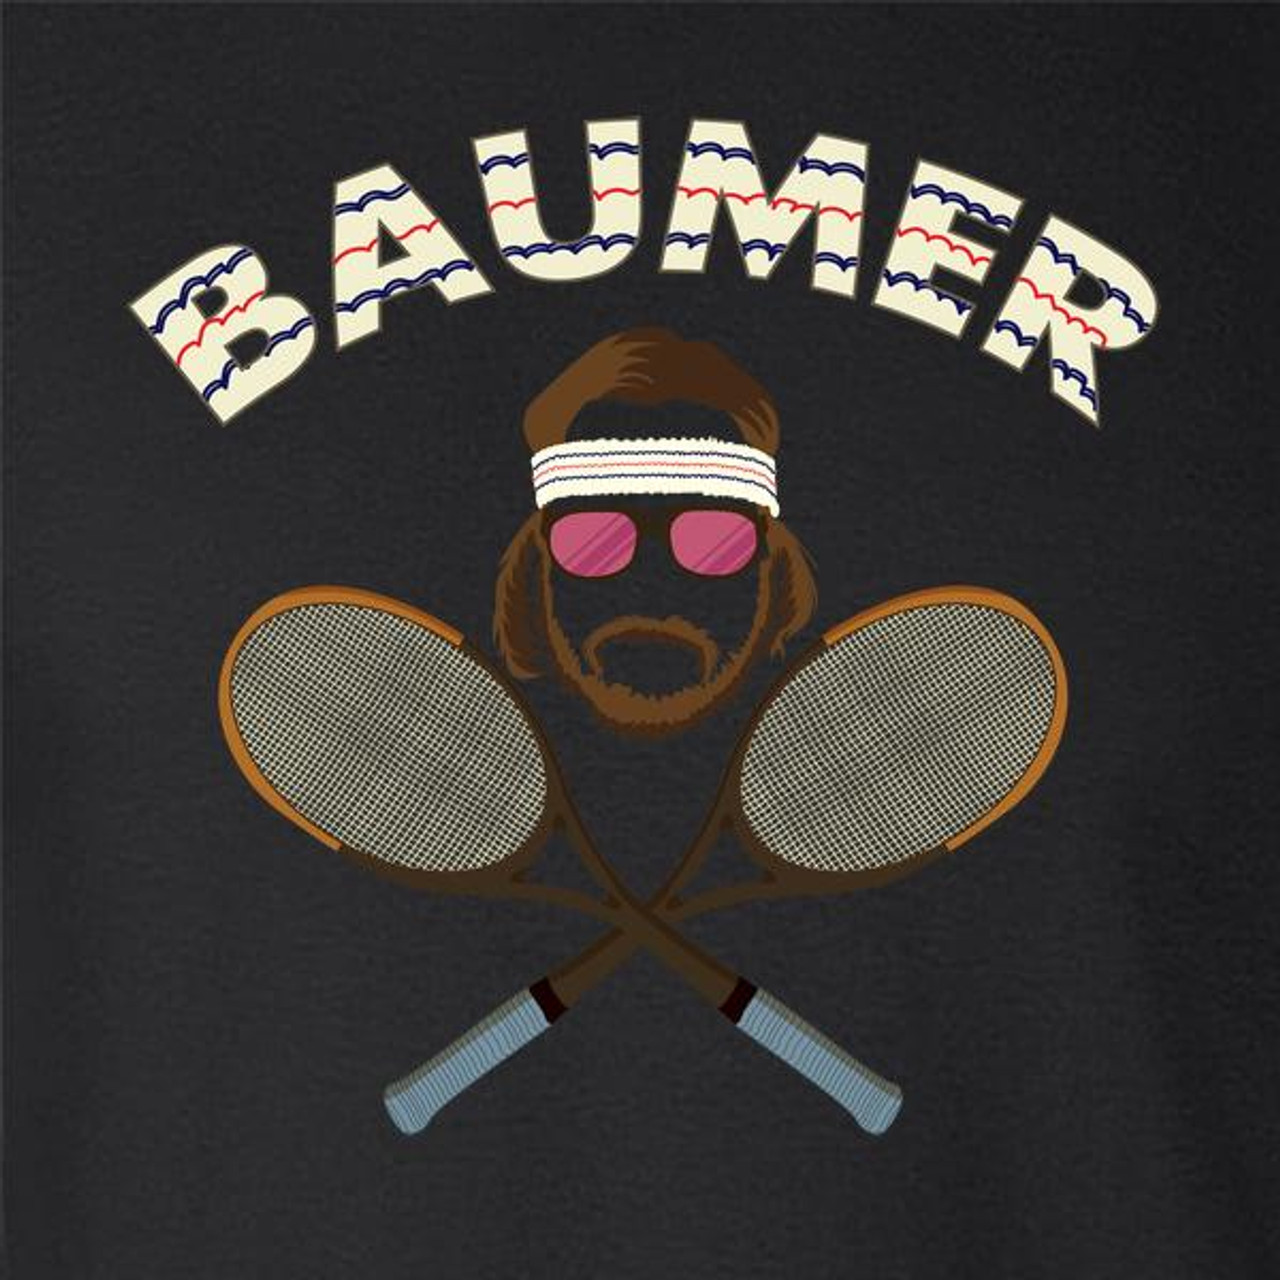 Baumer Richie Tenebaum Tennis Halloween Costume Pop Threads